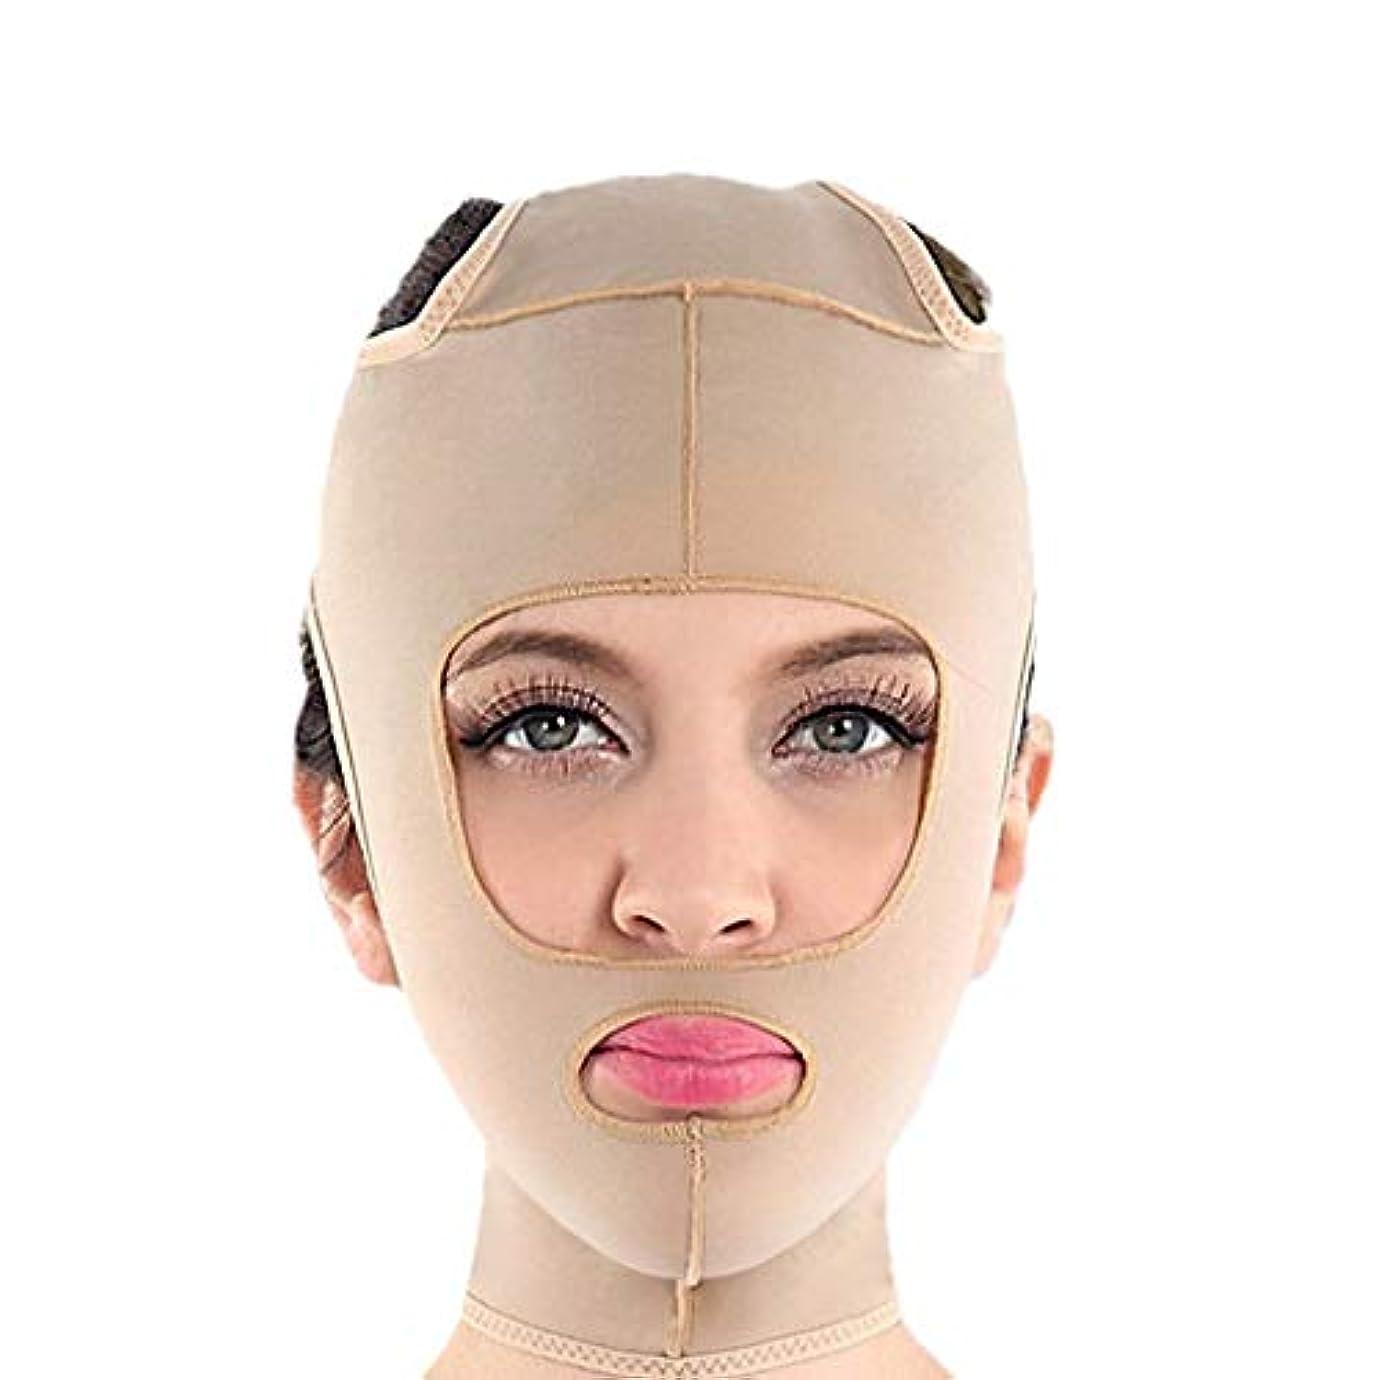 背骨に沿って刺すフェイスリフティング、ダブルチンストラップ、フェイシャル減量マスク、ダブルチンを減らすリフティングヌードル、ファーミングフェイス、パワフルリフティングマスク(サイズ:M),M